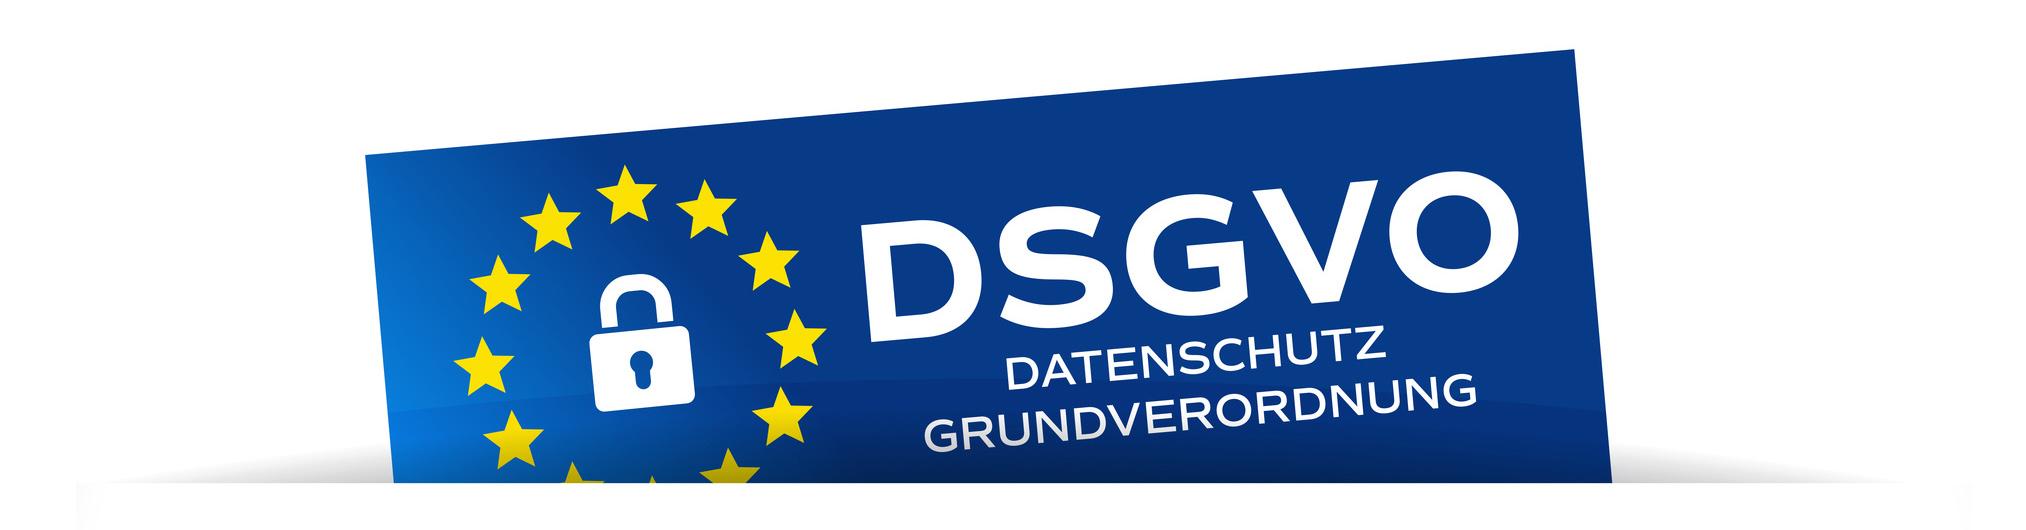 Homepage für DSGVO anpassen Datenschutzerklärung generieren